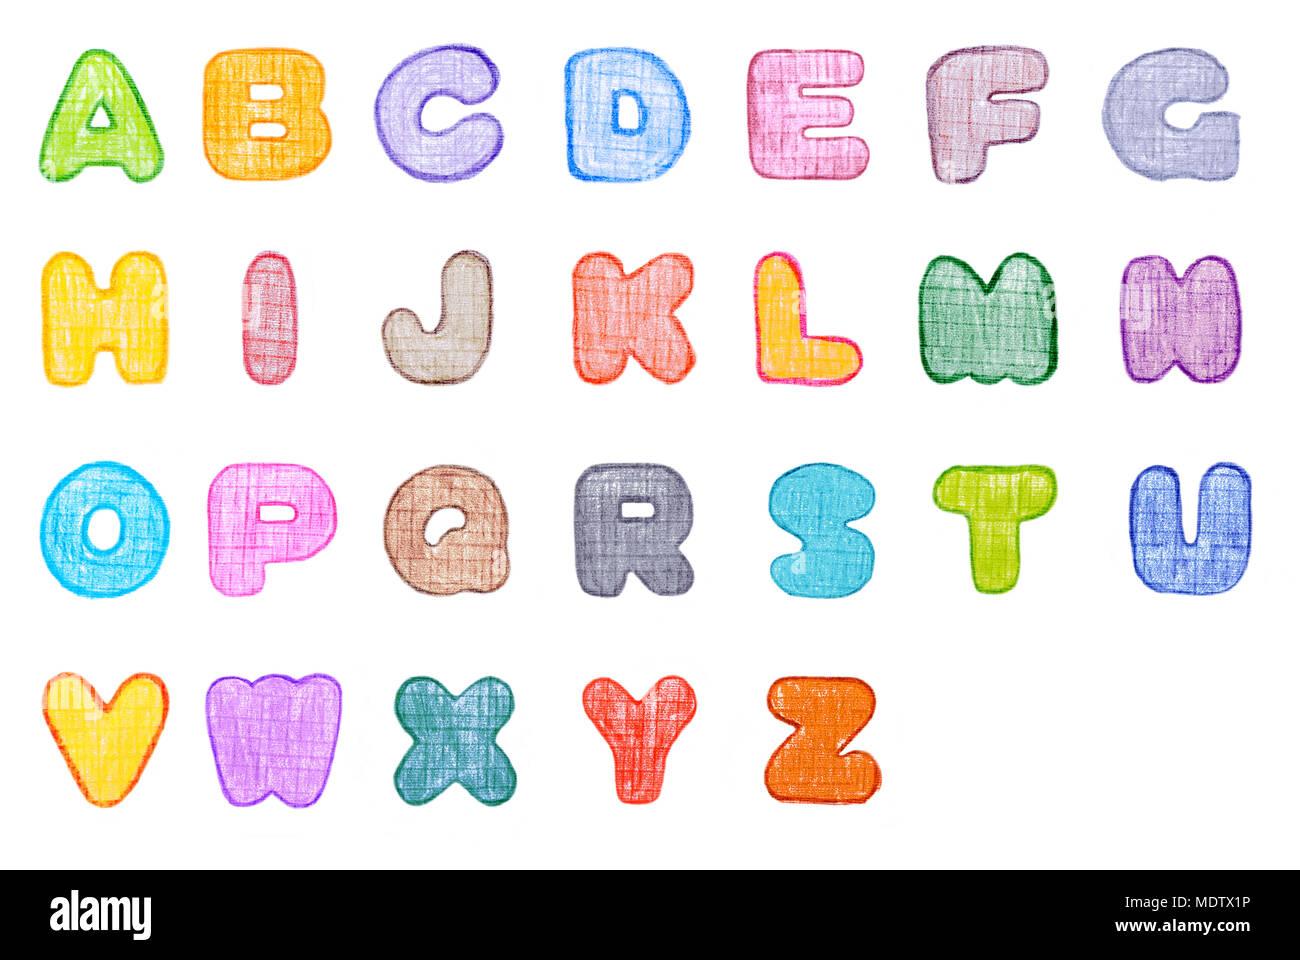 Großartig Alphabet Färbung Buchstaben Fotos - Malvorlagen Von Tieren ...